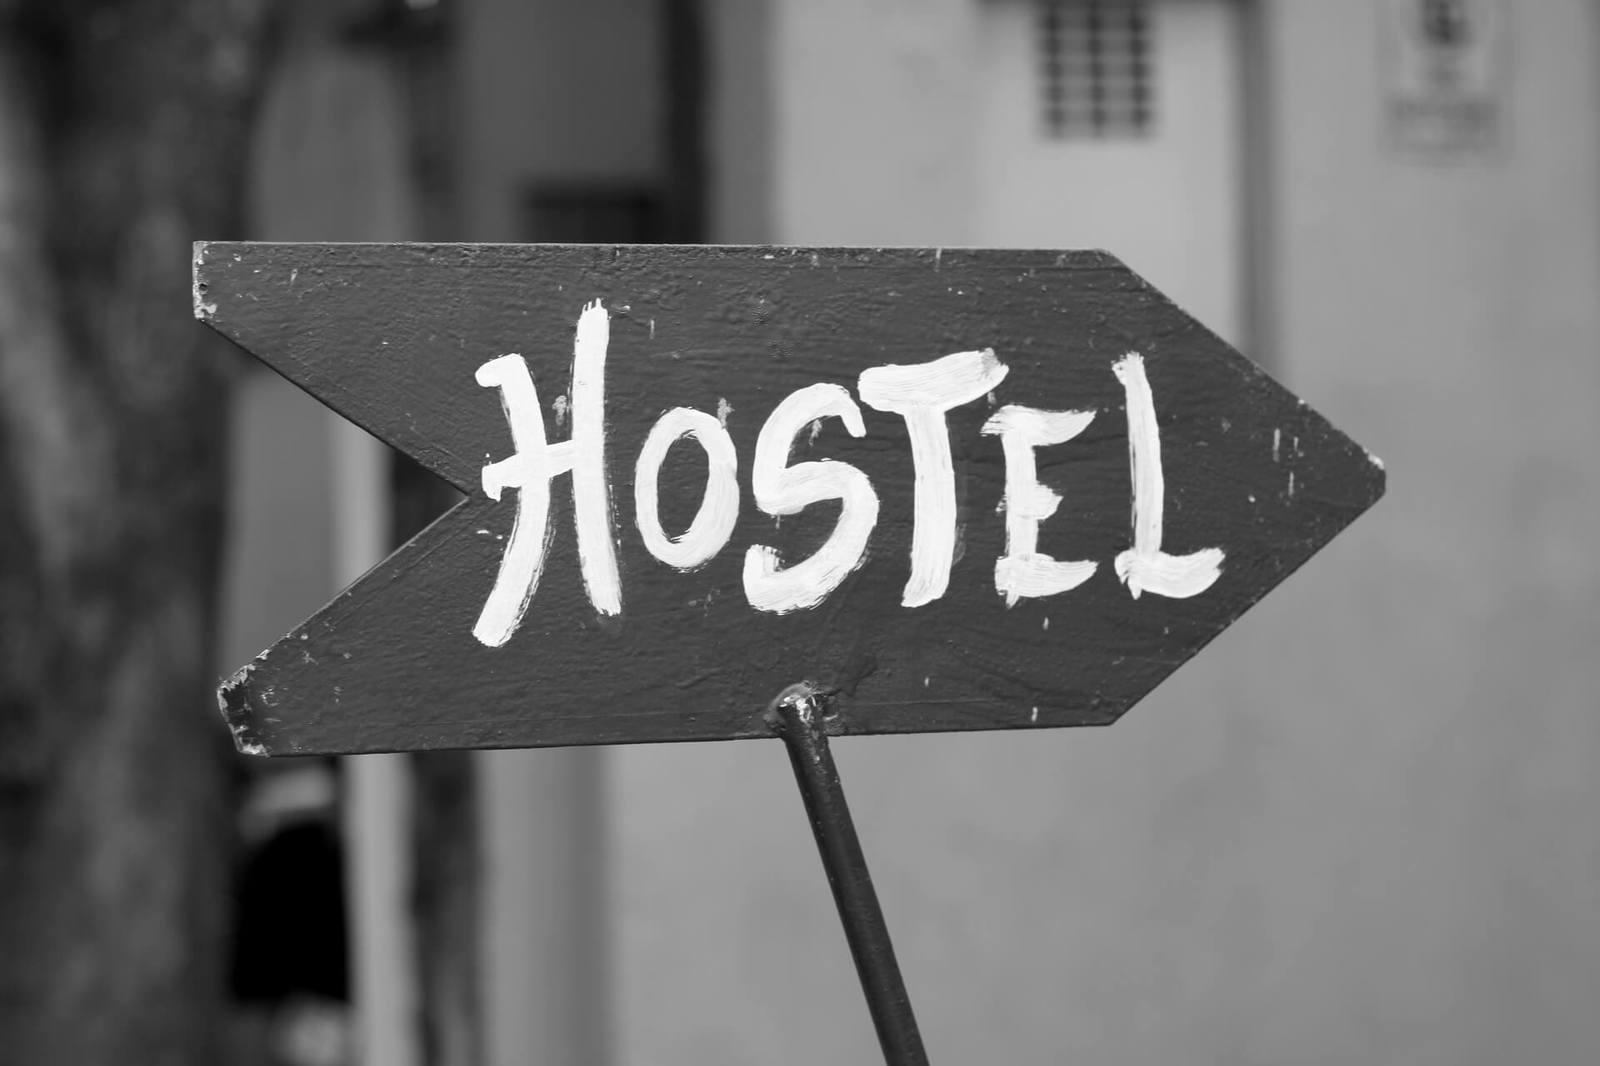 Госдума и Совет Федерации договорились о вступлении в силу закона о запрете хостелов в жилых домах с 1го октября